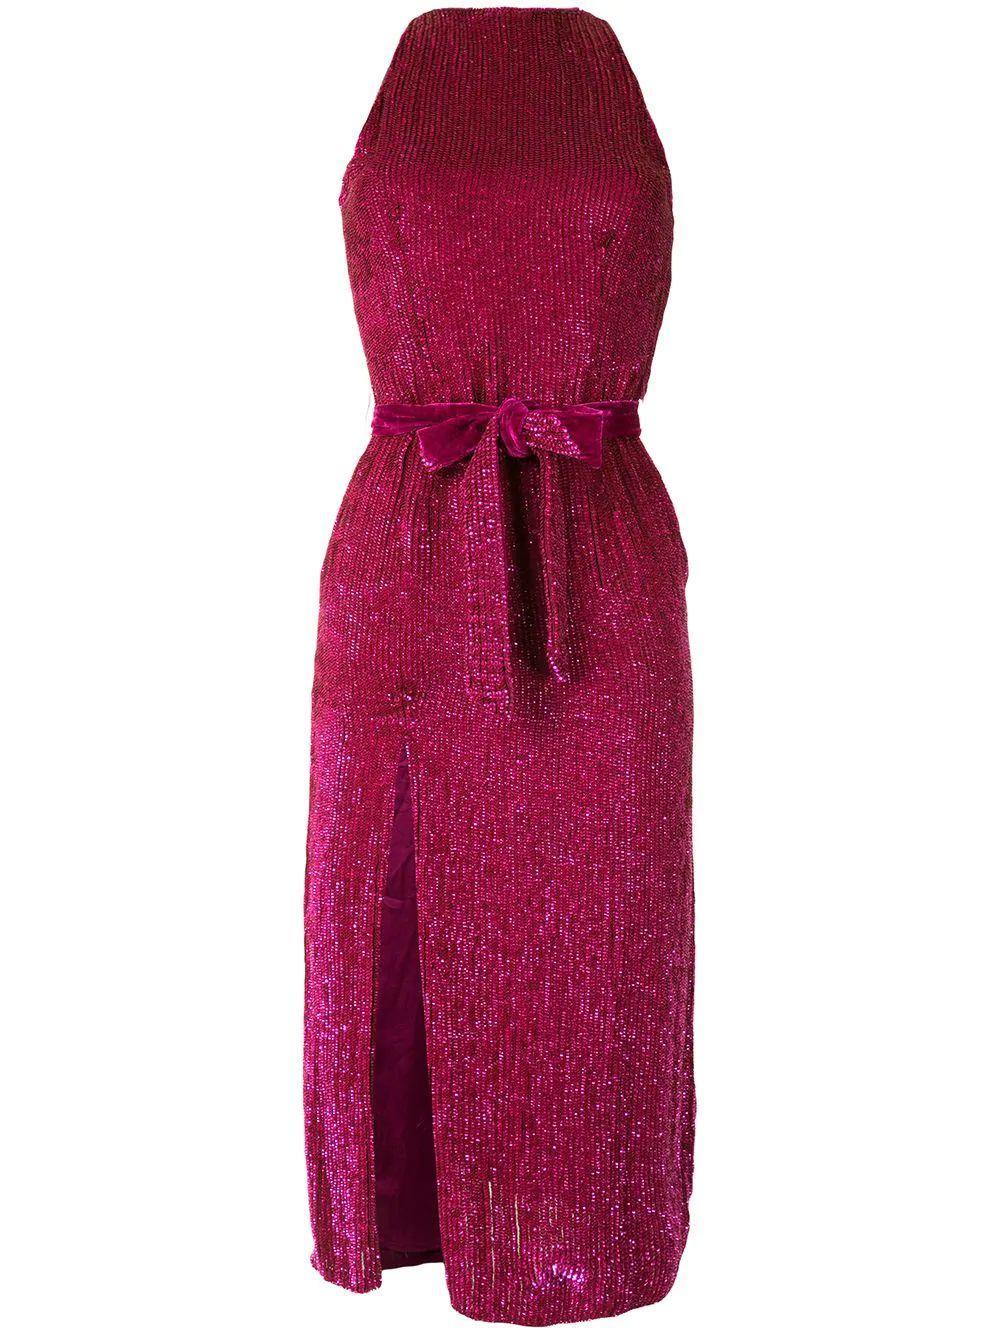 Tilly Sequin Dress Item # HL20-2424